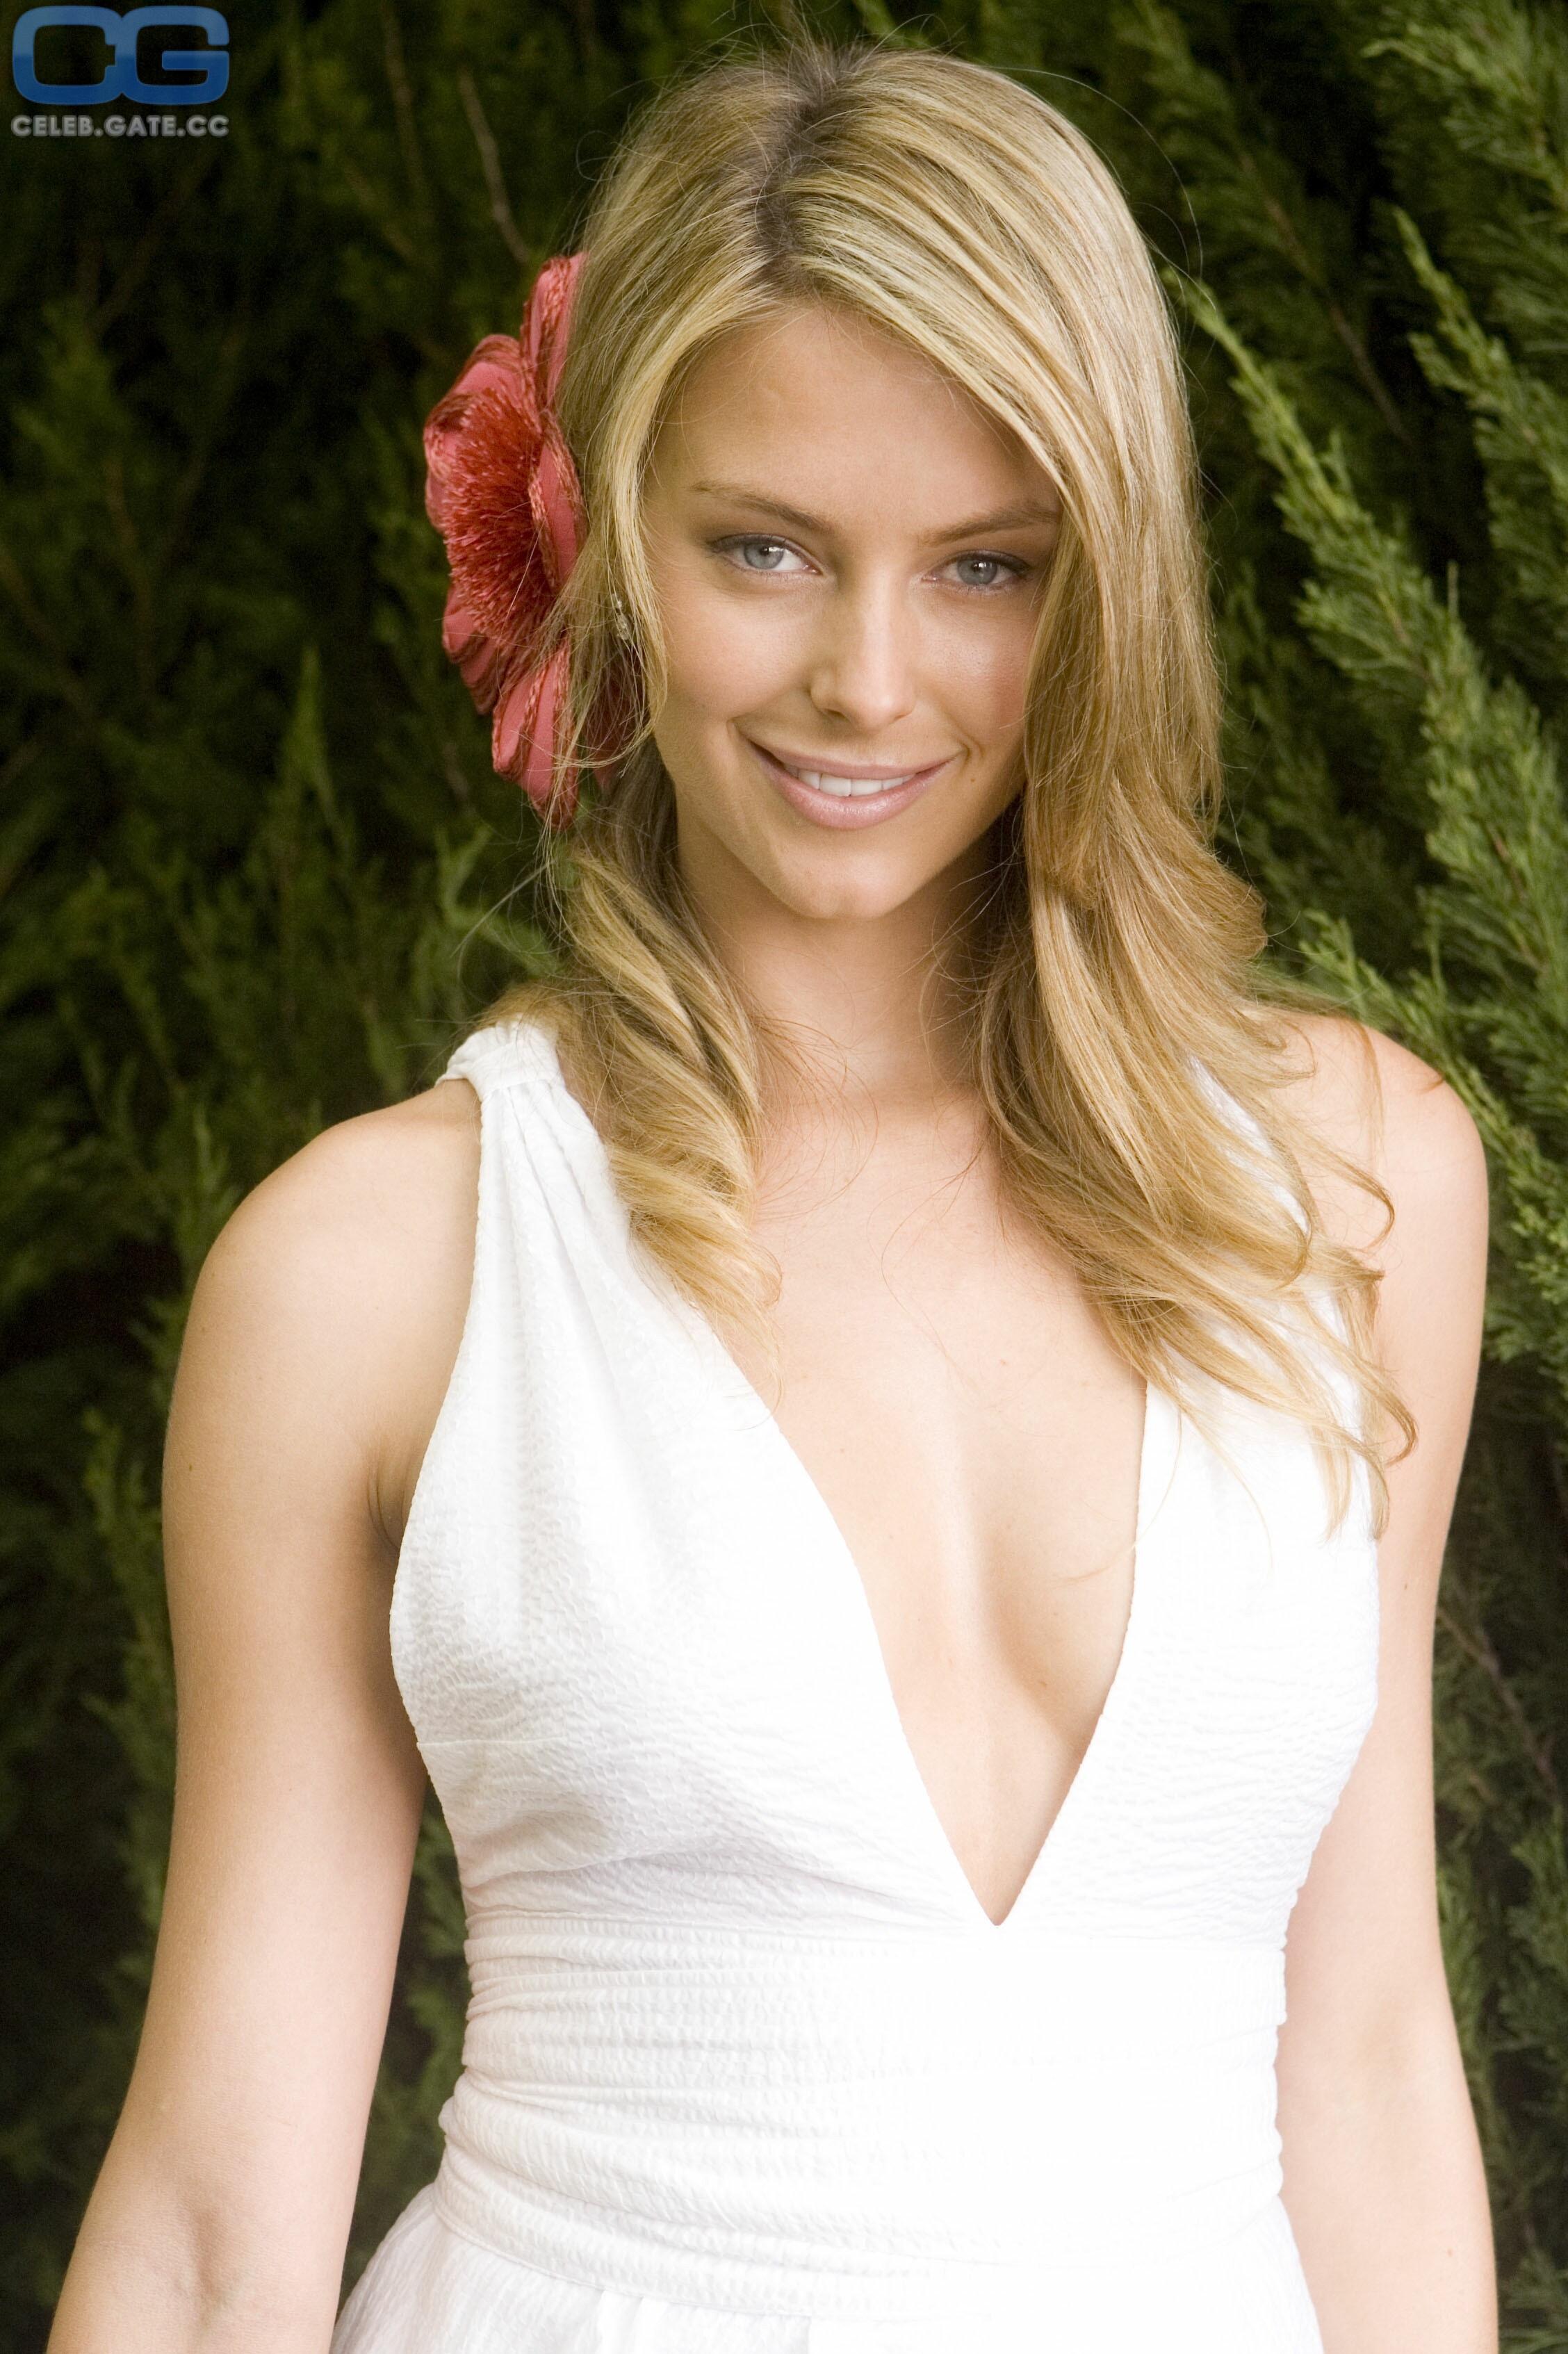 Jennifer hawkins nackt